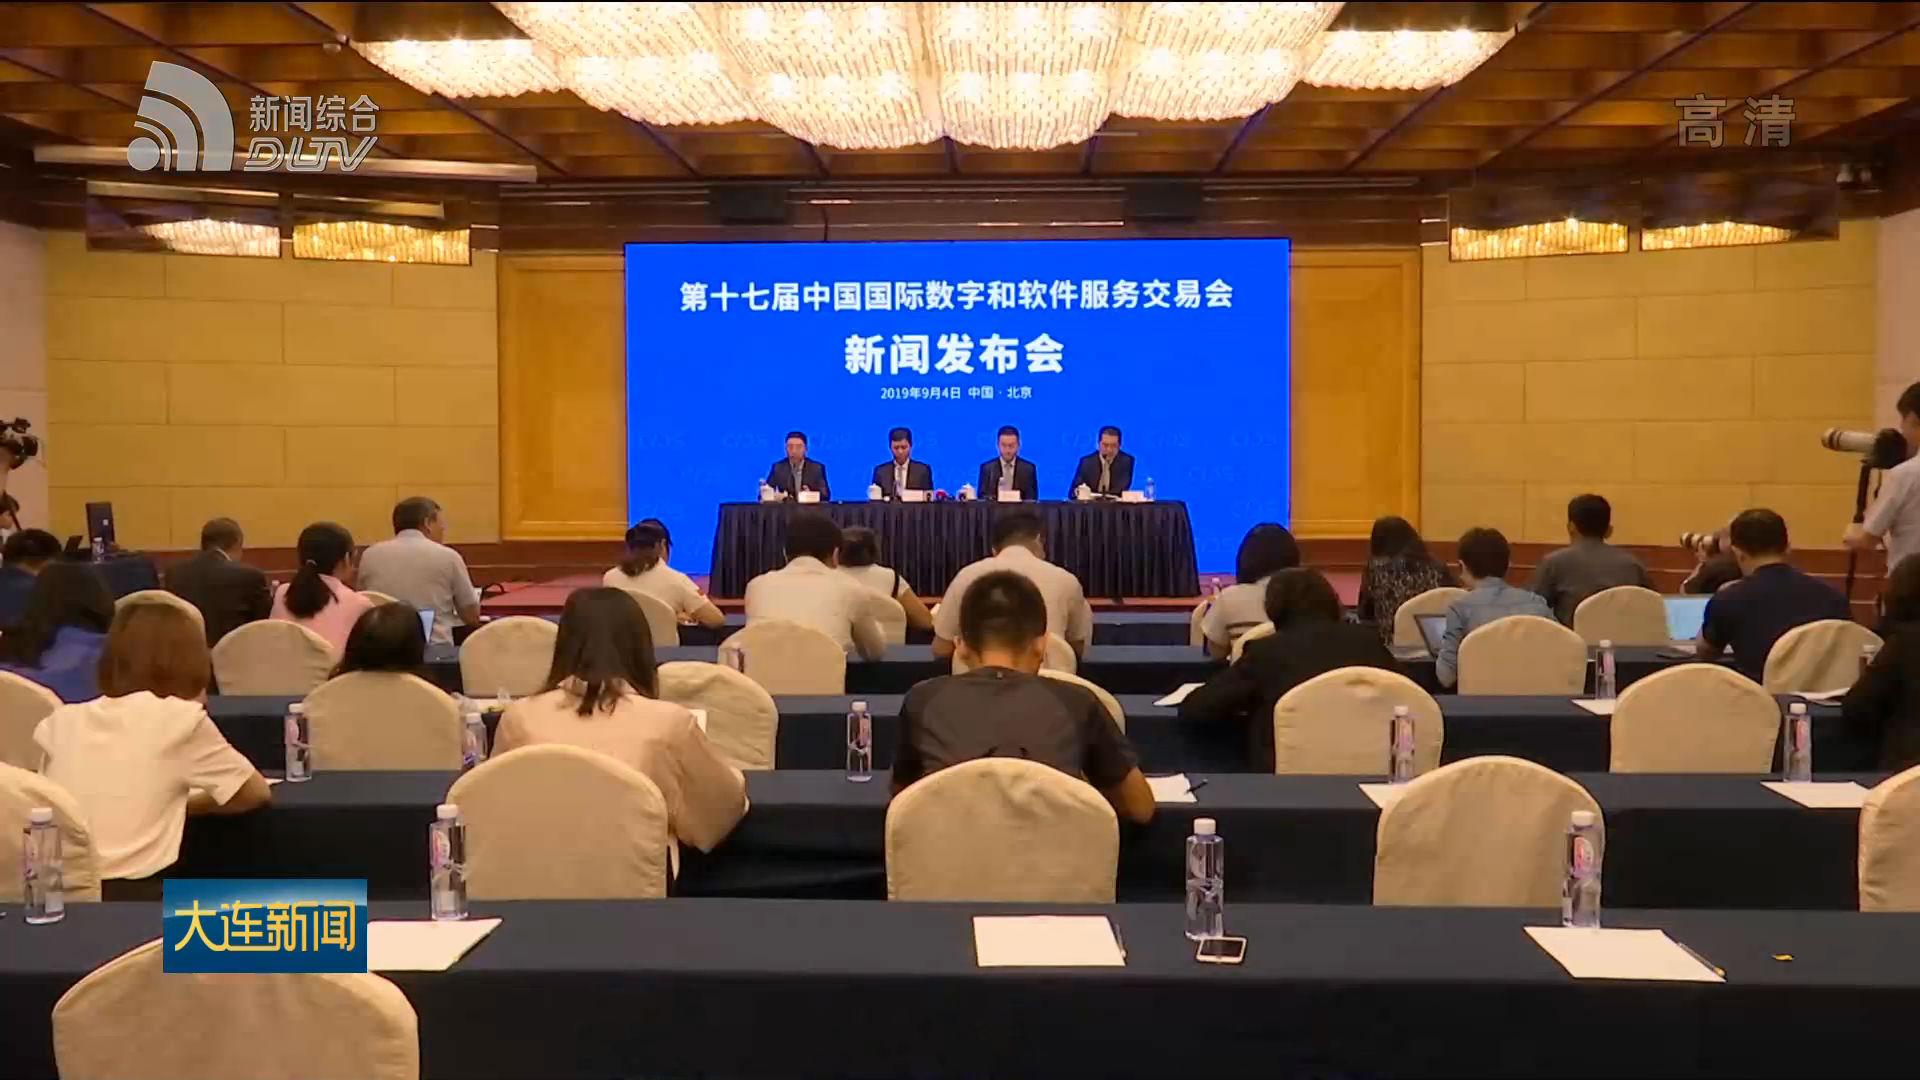 第17届中国国际数字和软件服务交易会即将开幕